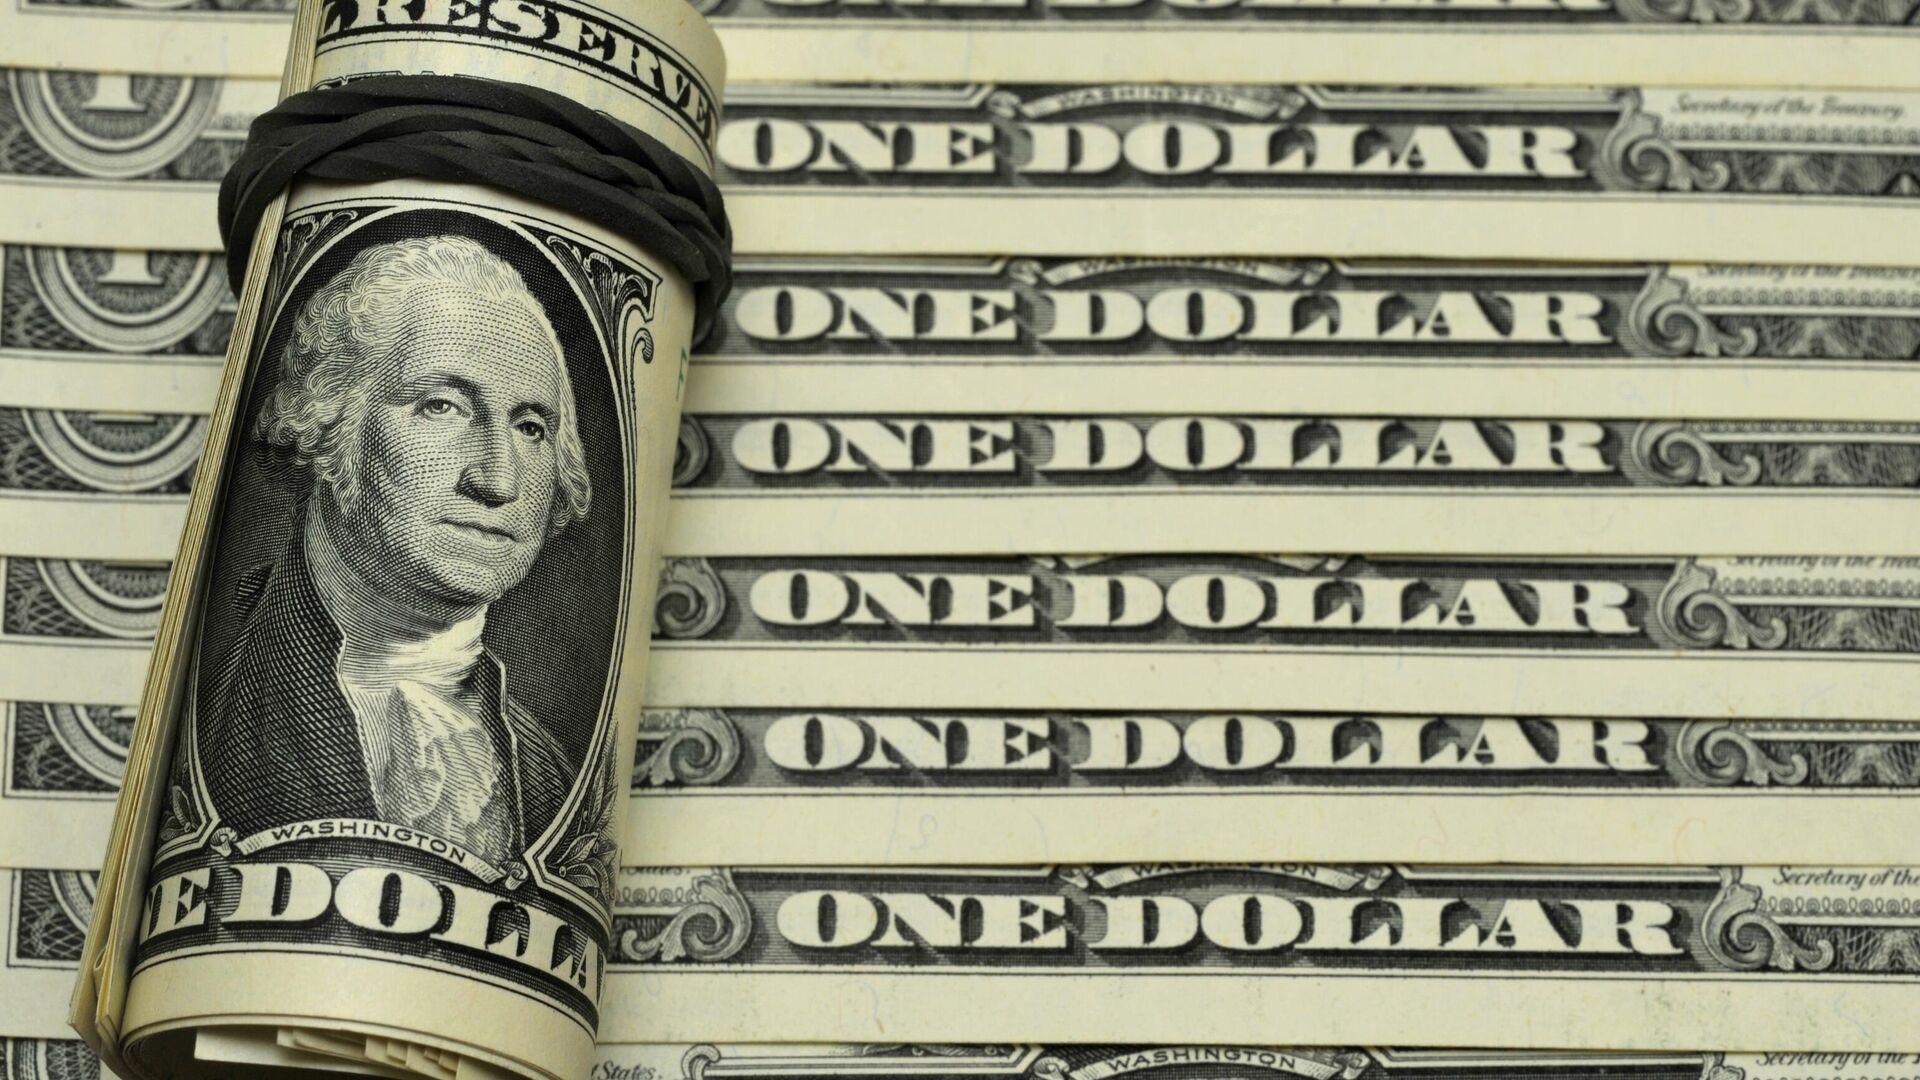 Los billetes de dólares de EEUU - Sputnik Mundo, 1920, 15.02.2021